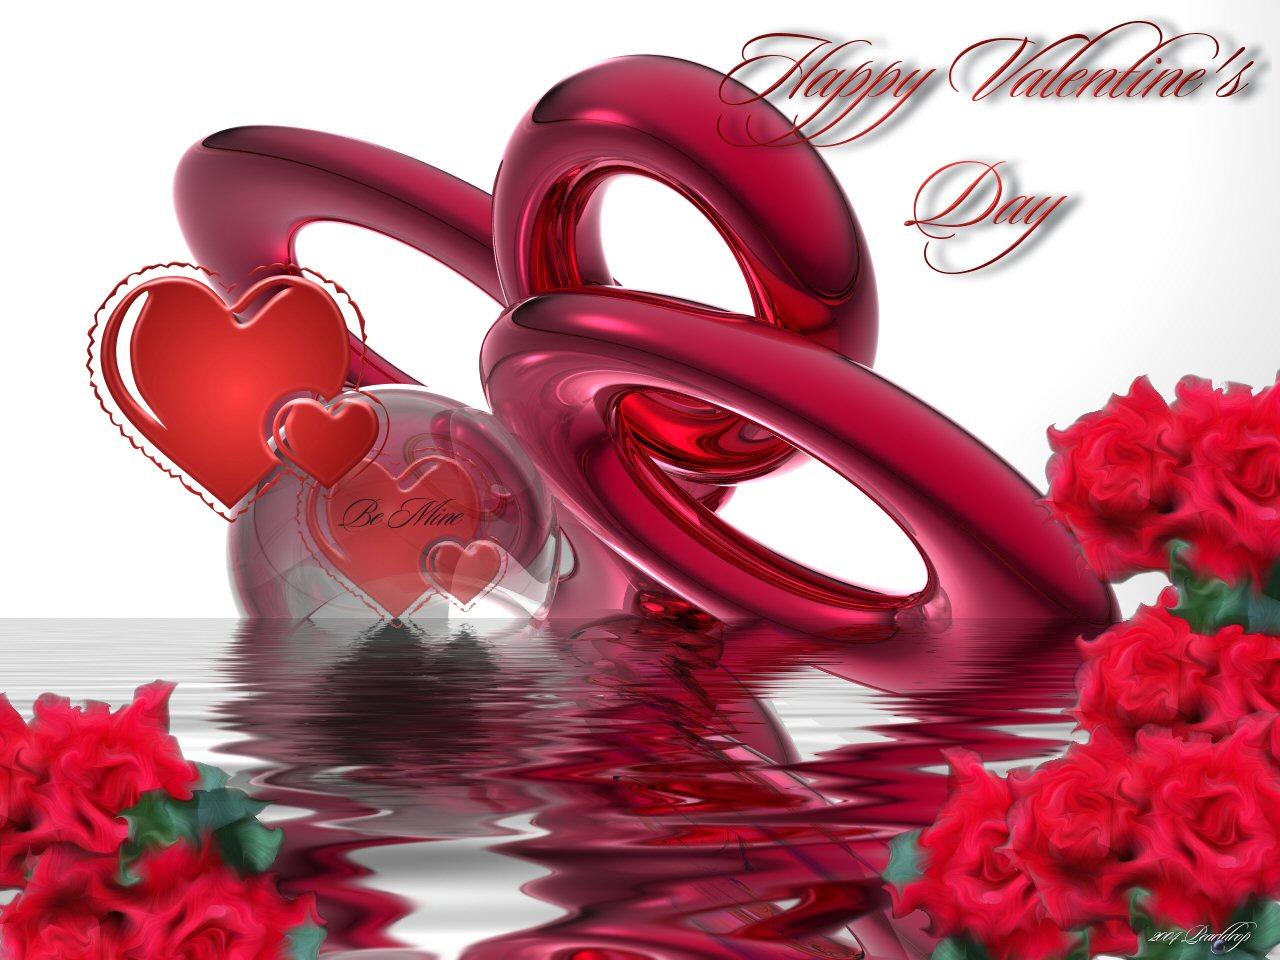 wallpaper valentine đẹp SinhVienIT.NET---valentine-day-43